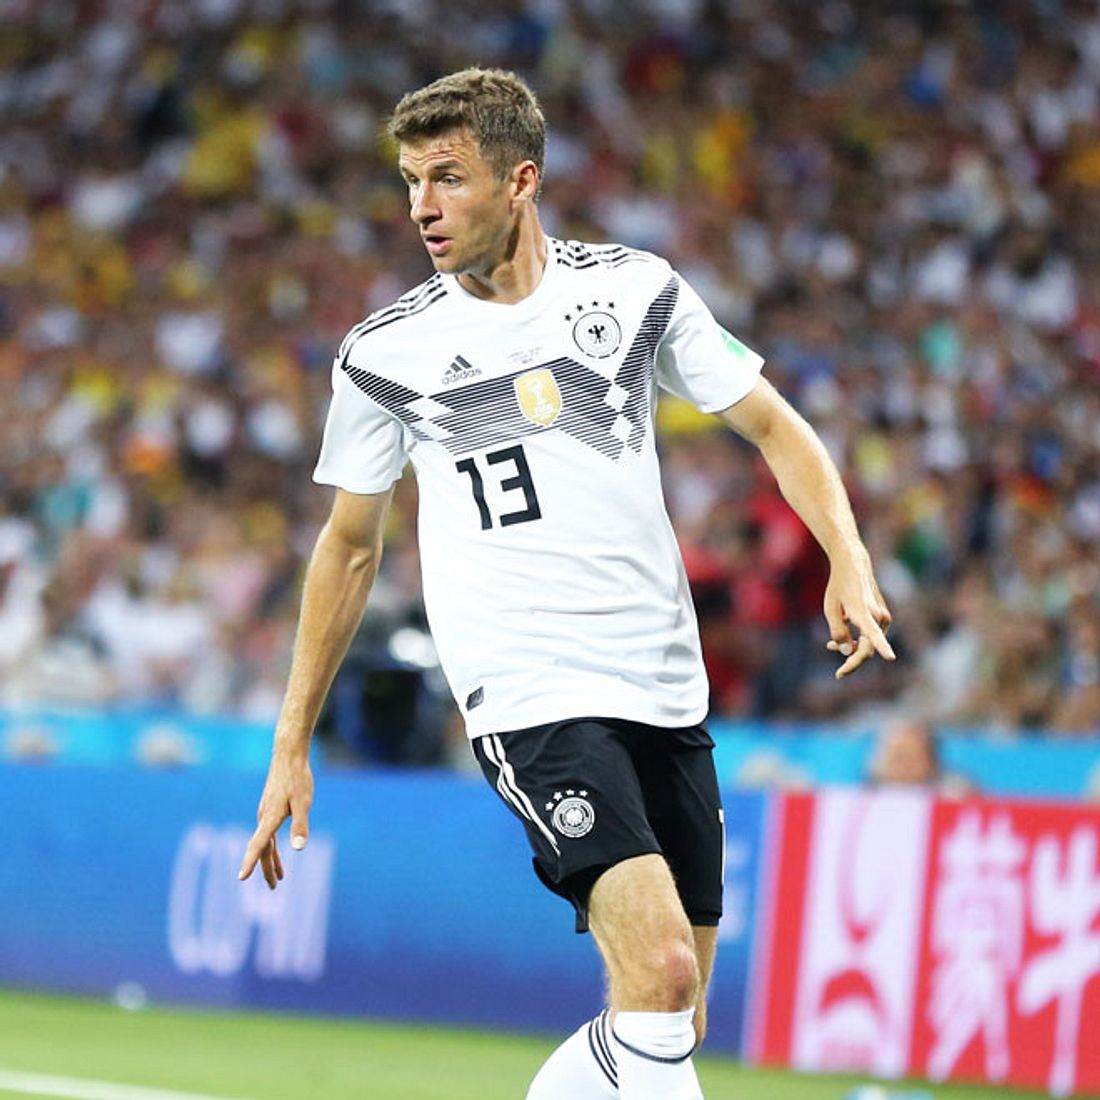 Thomas Müller: Bittere Verkündung kurz vor dem WM-Spiel!